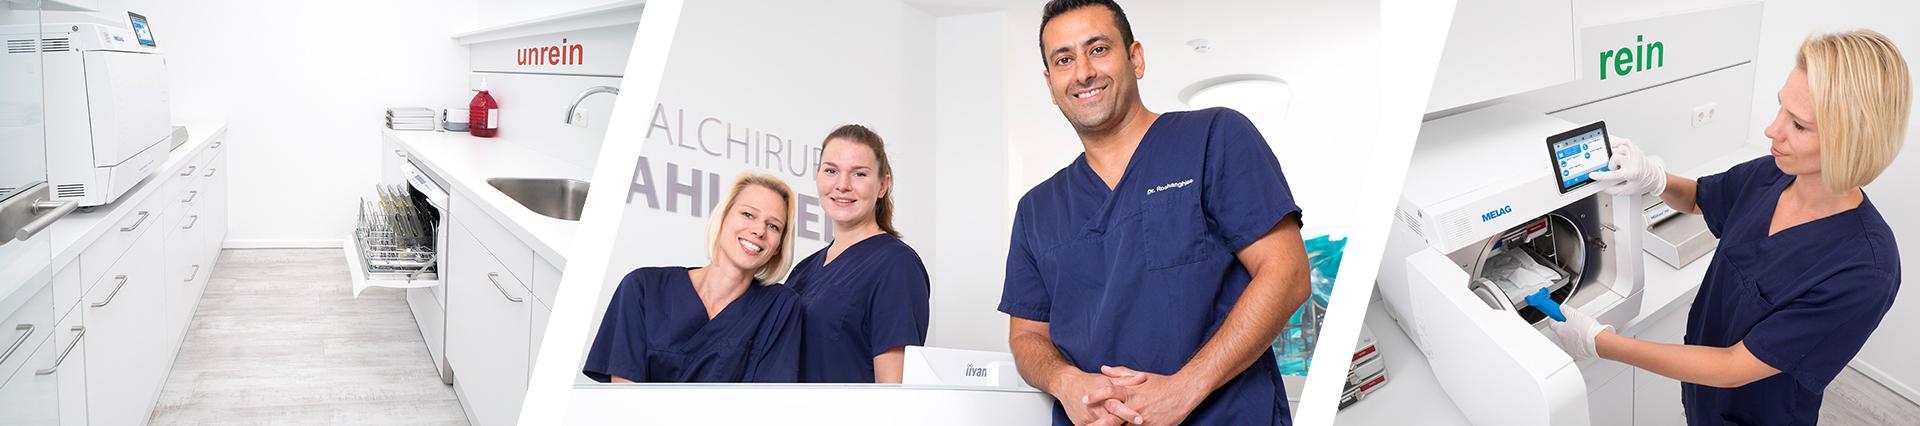 Clinica di chirurgia orale del dottor Korosh Roshanghias